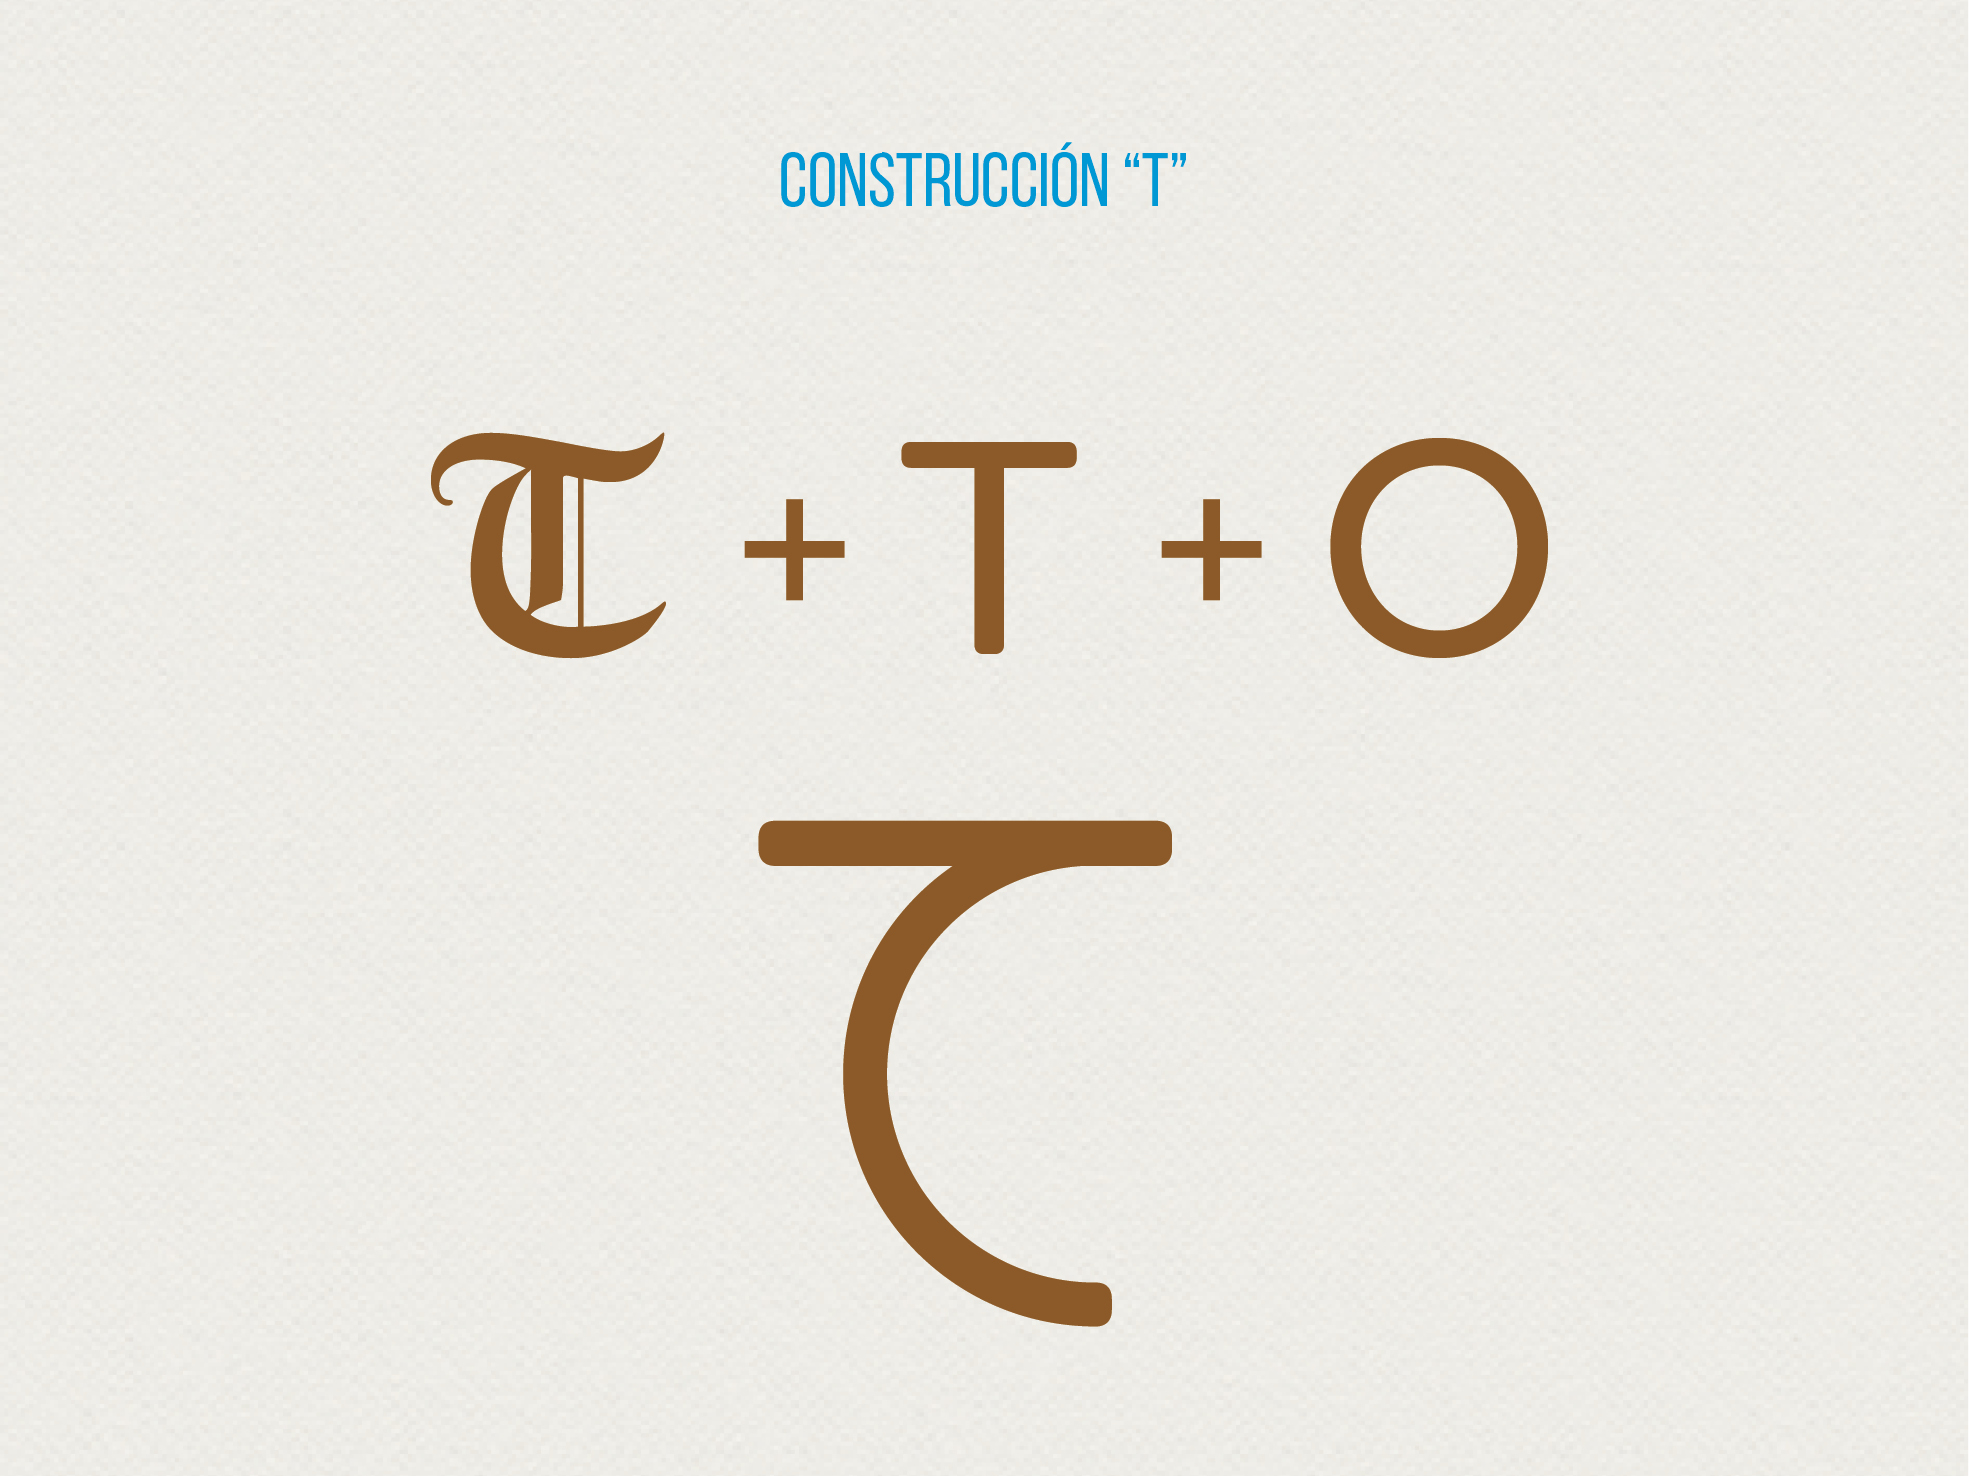 construccion logotipo Trujillo ciudad de eventos y reuniones